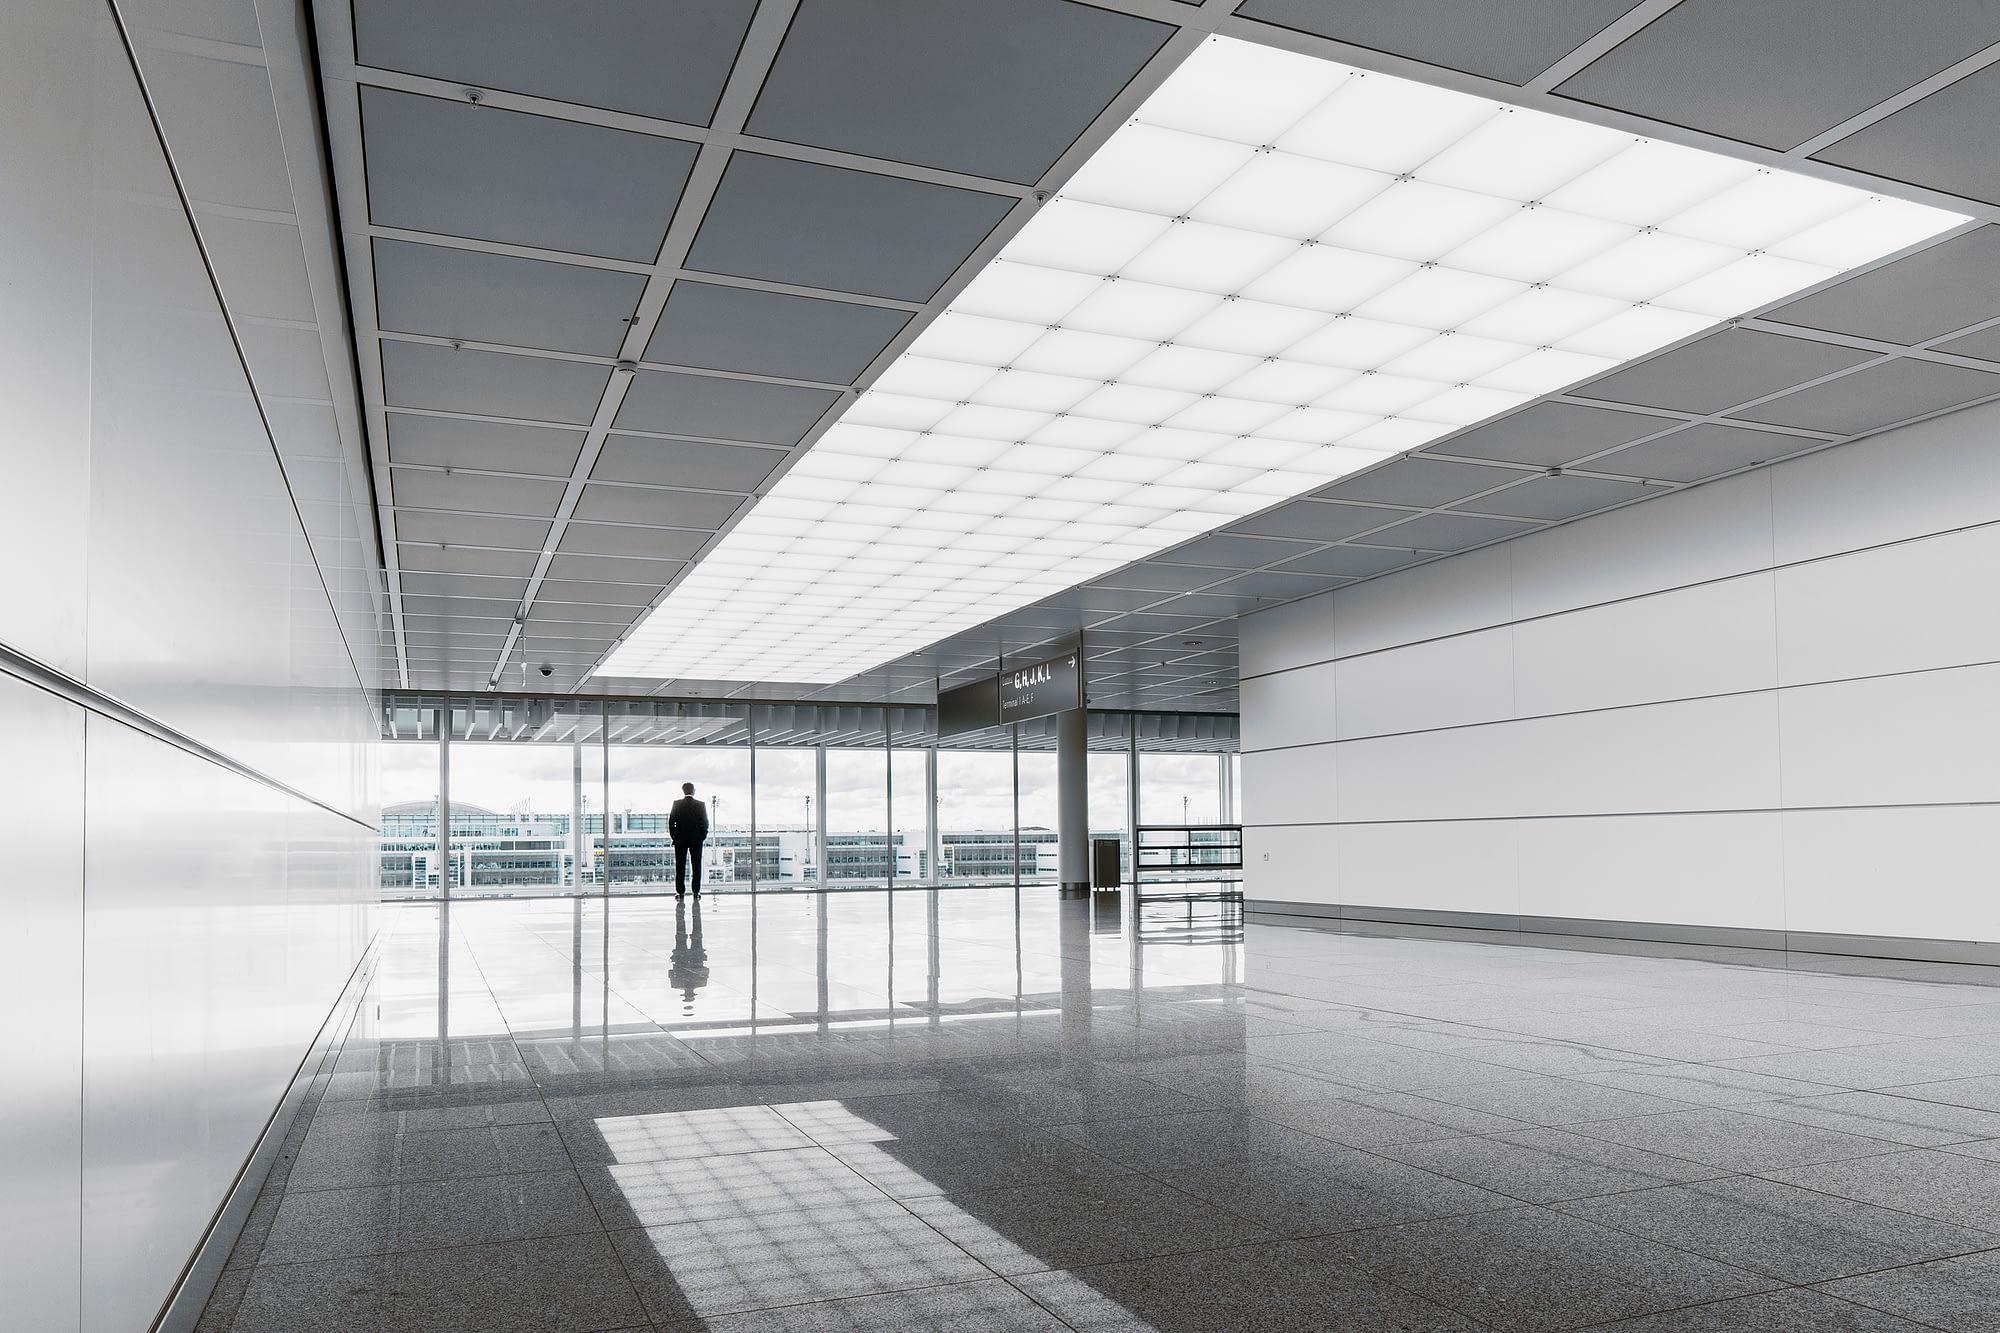 Architekturfotos, Fotograf, Airport-Muenchen-05